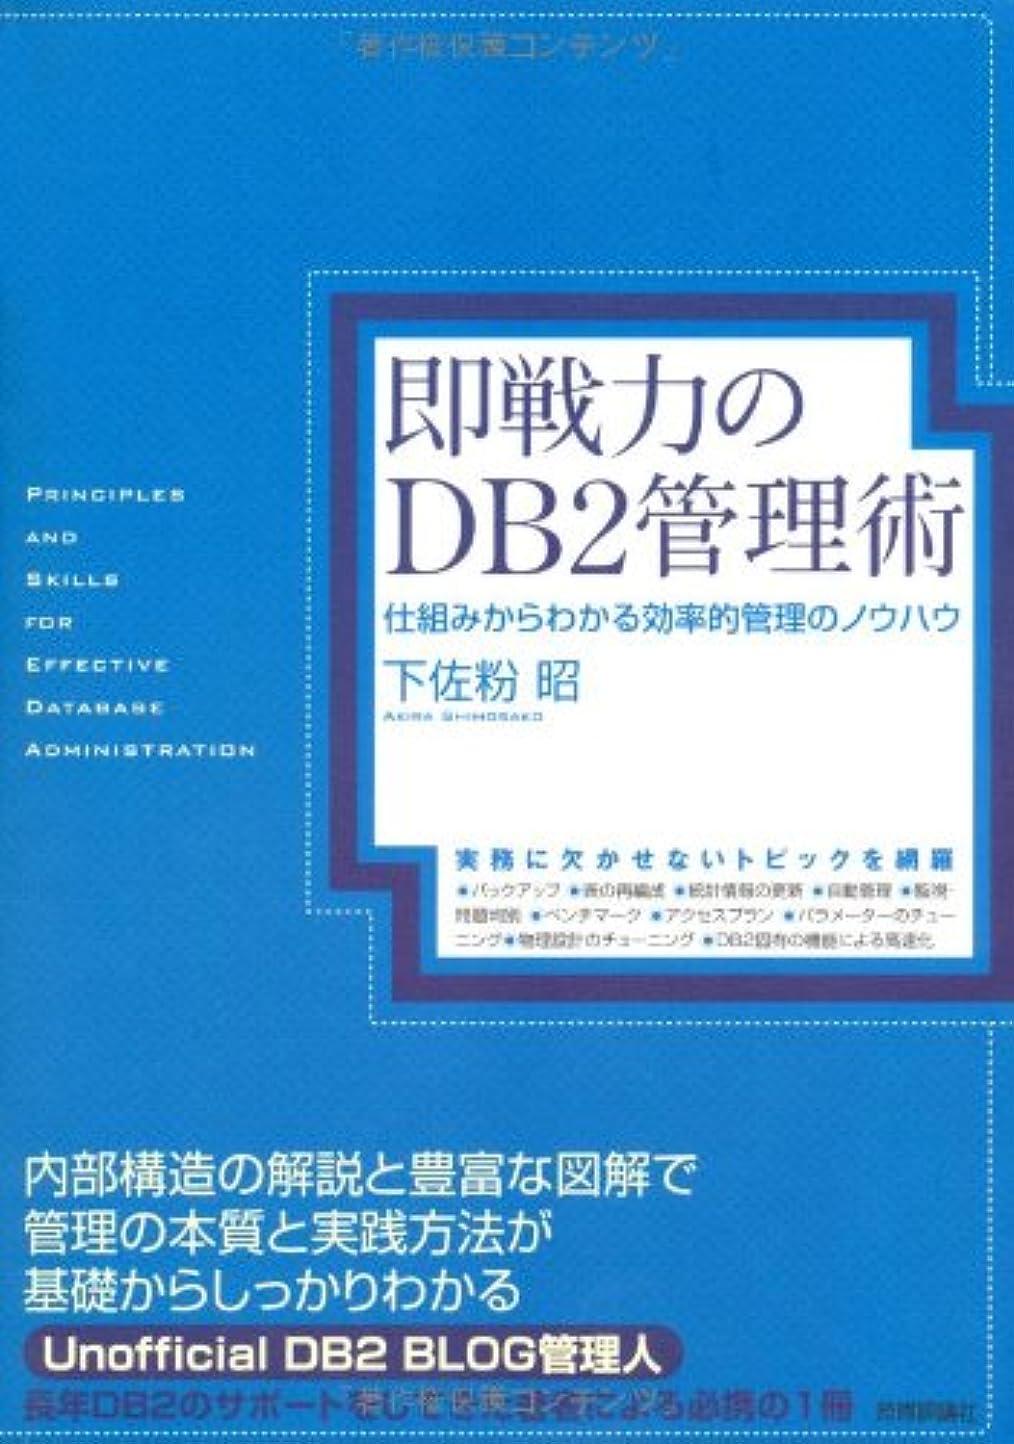 パンツパリティ廃棄即戦力のDB2管理術 ~仕組みからわかる効率的管理のノウハウ